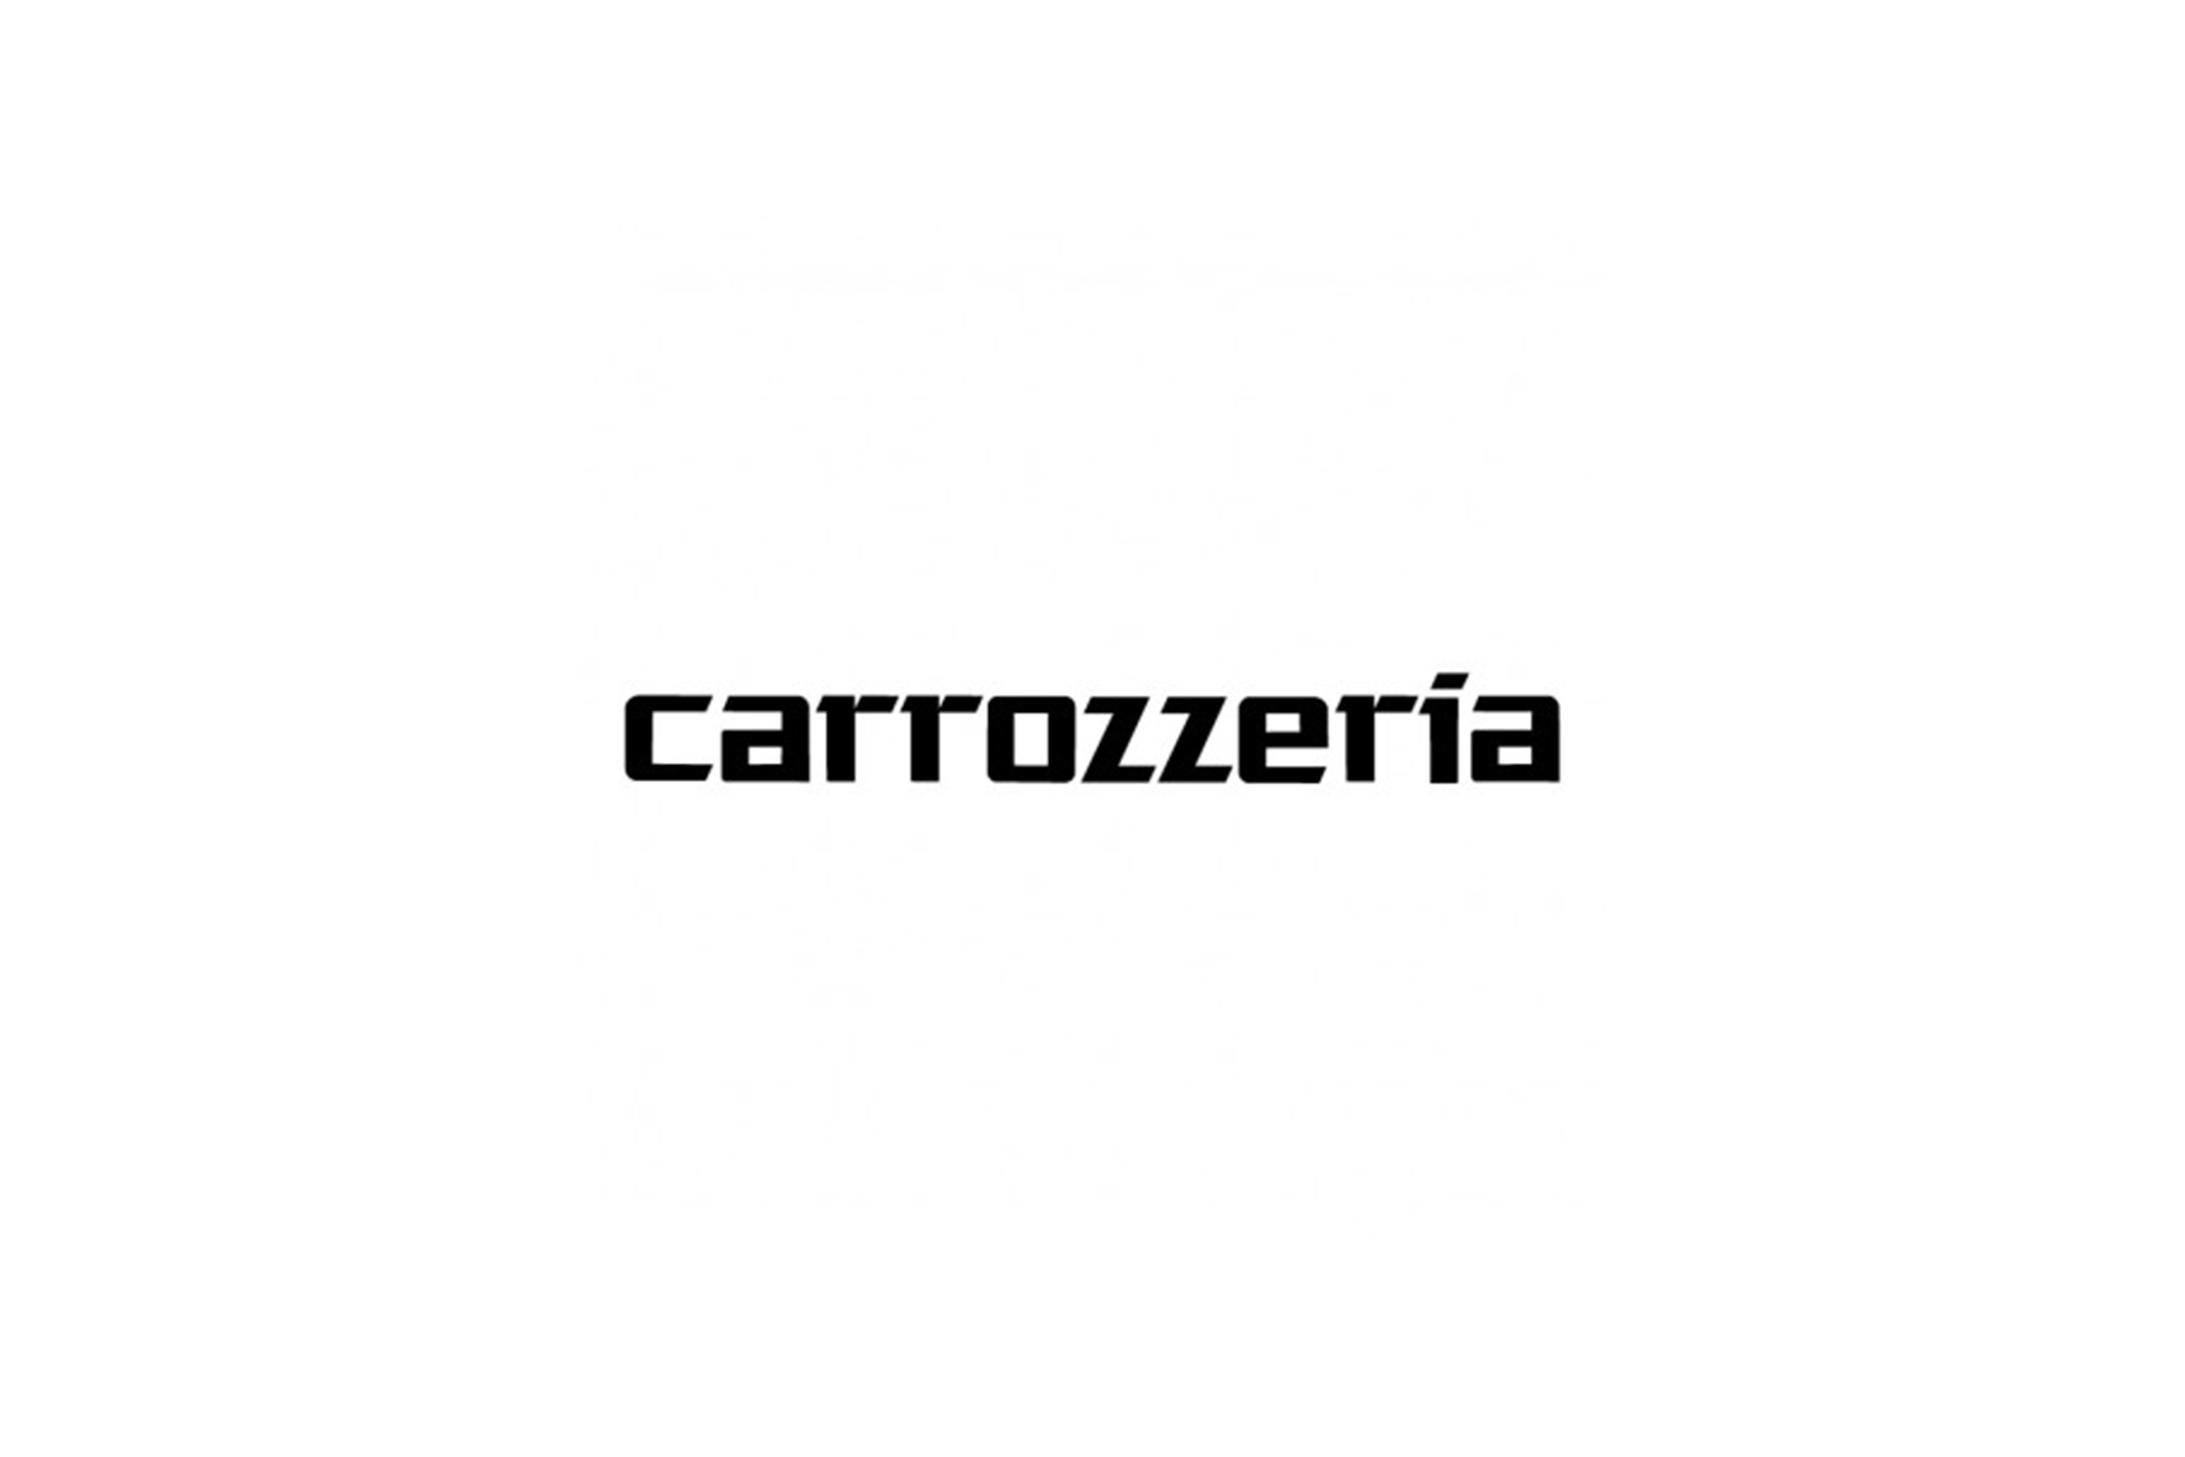 01carrozzeria